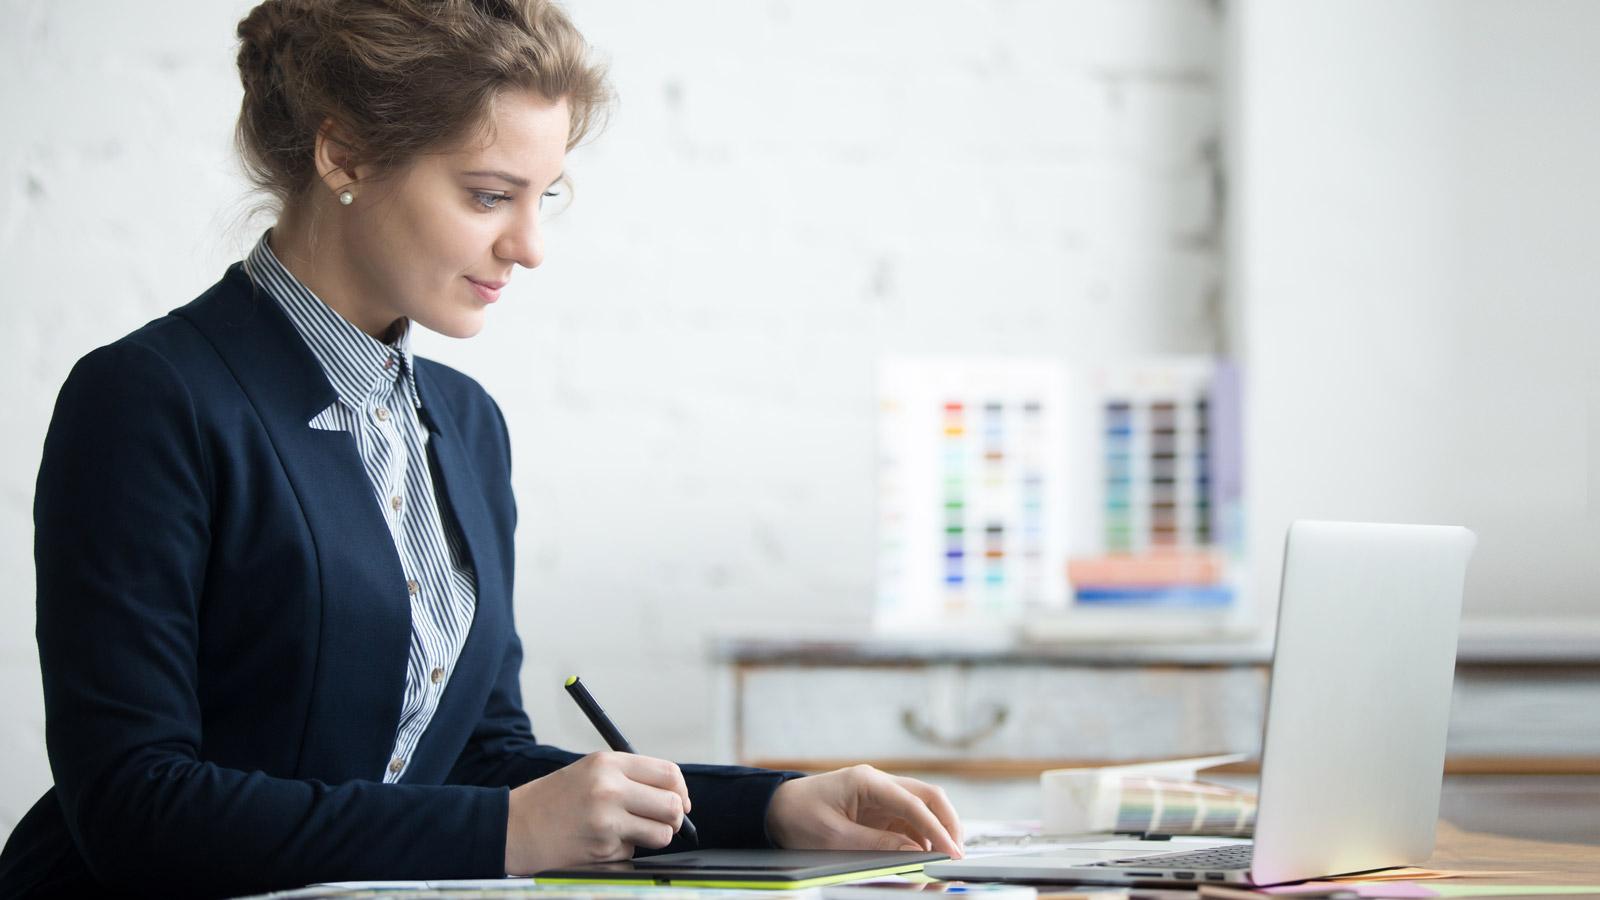 Animacja jako narzędzie sprzedażowe? Wideo mediarun tablet design kobieta biuro 2019